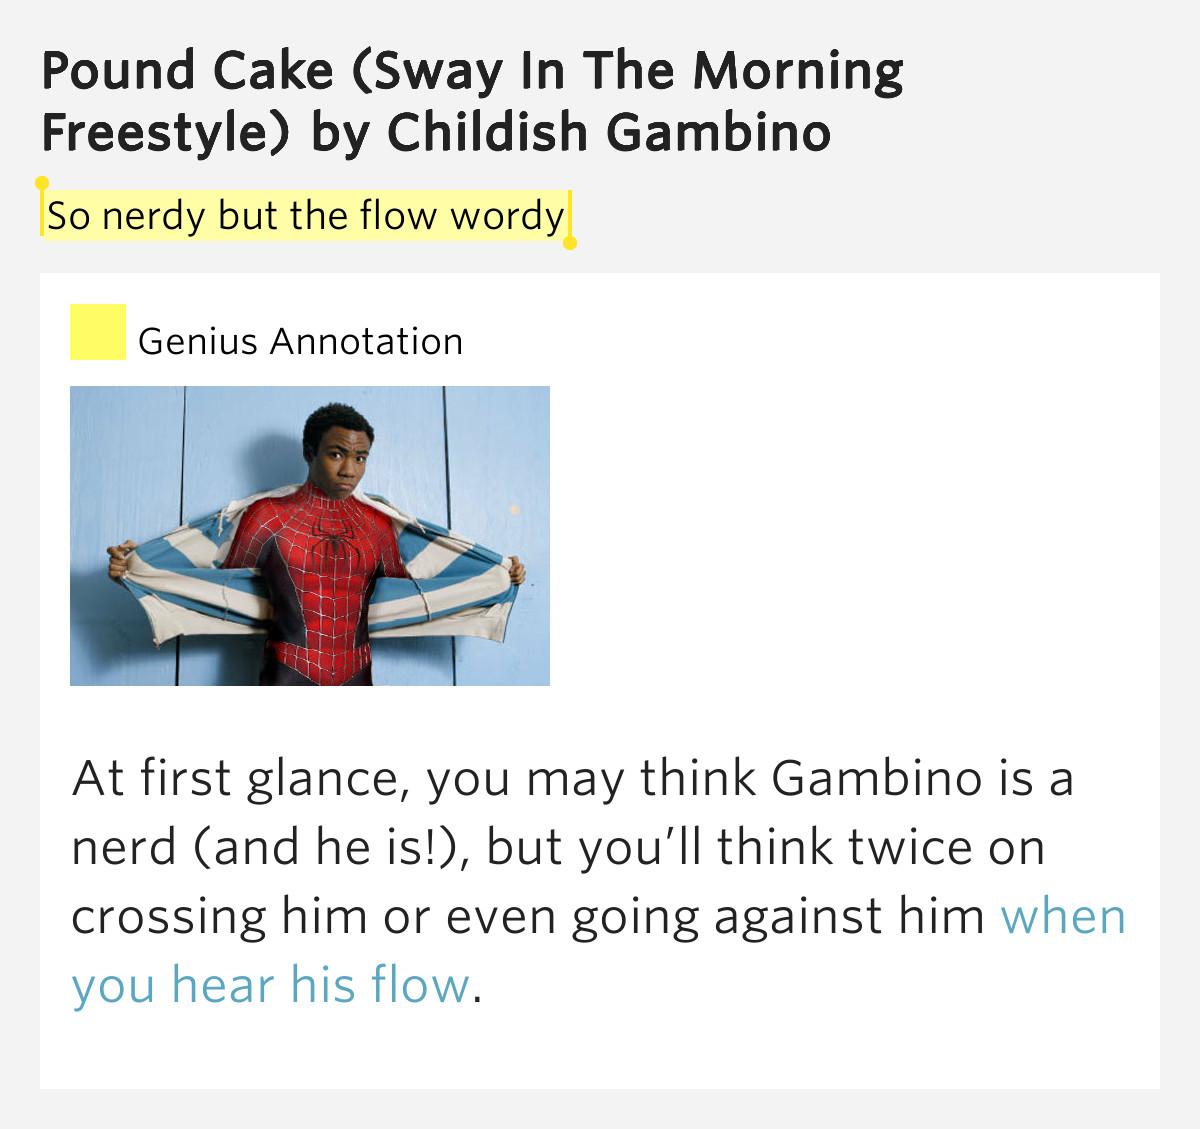 Pound Cake Lyrics  So nerdy but the flow wordy – Pound Cake Sway In The